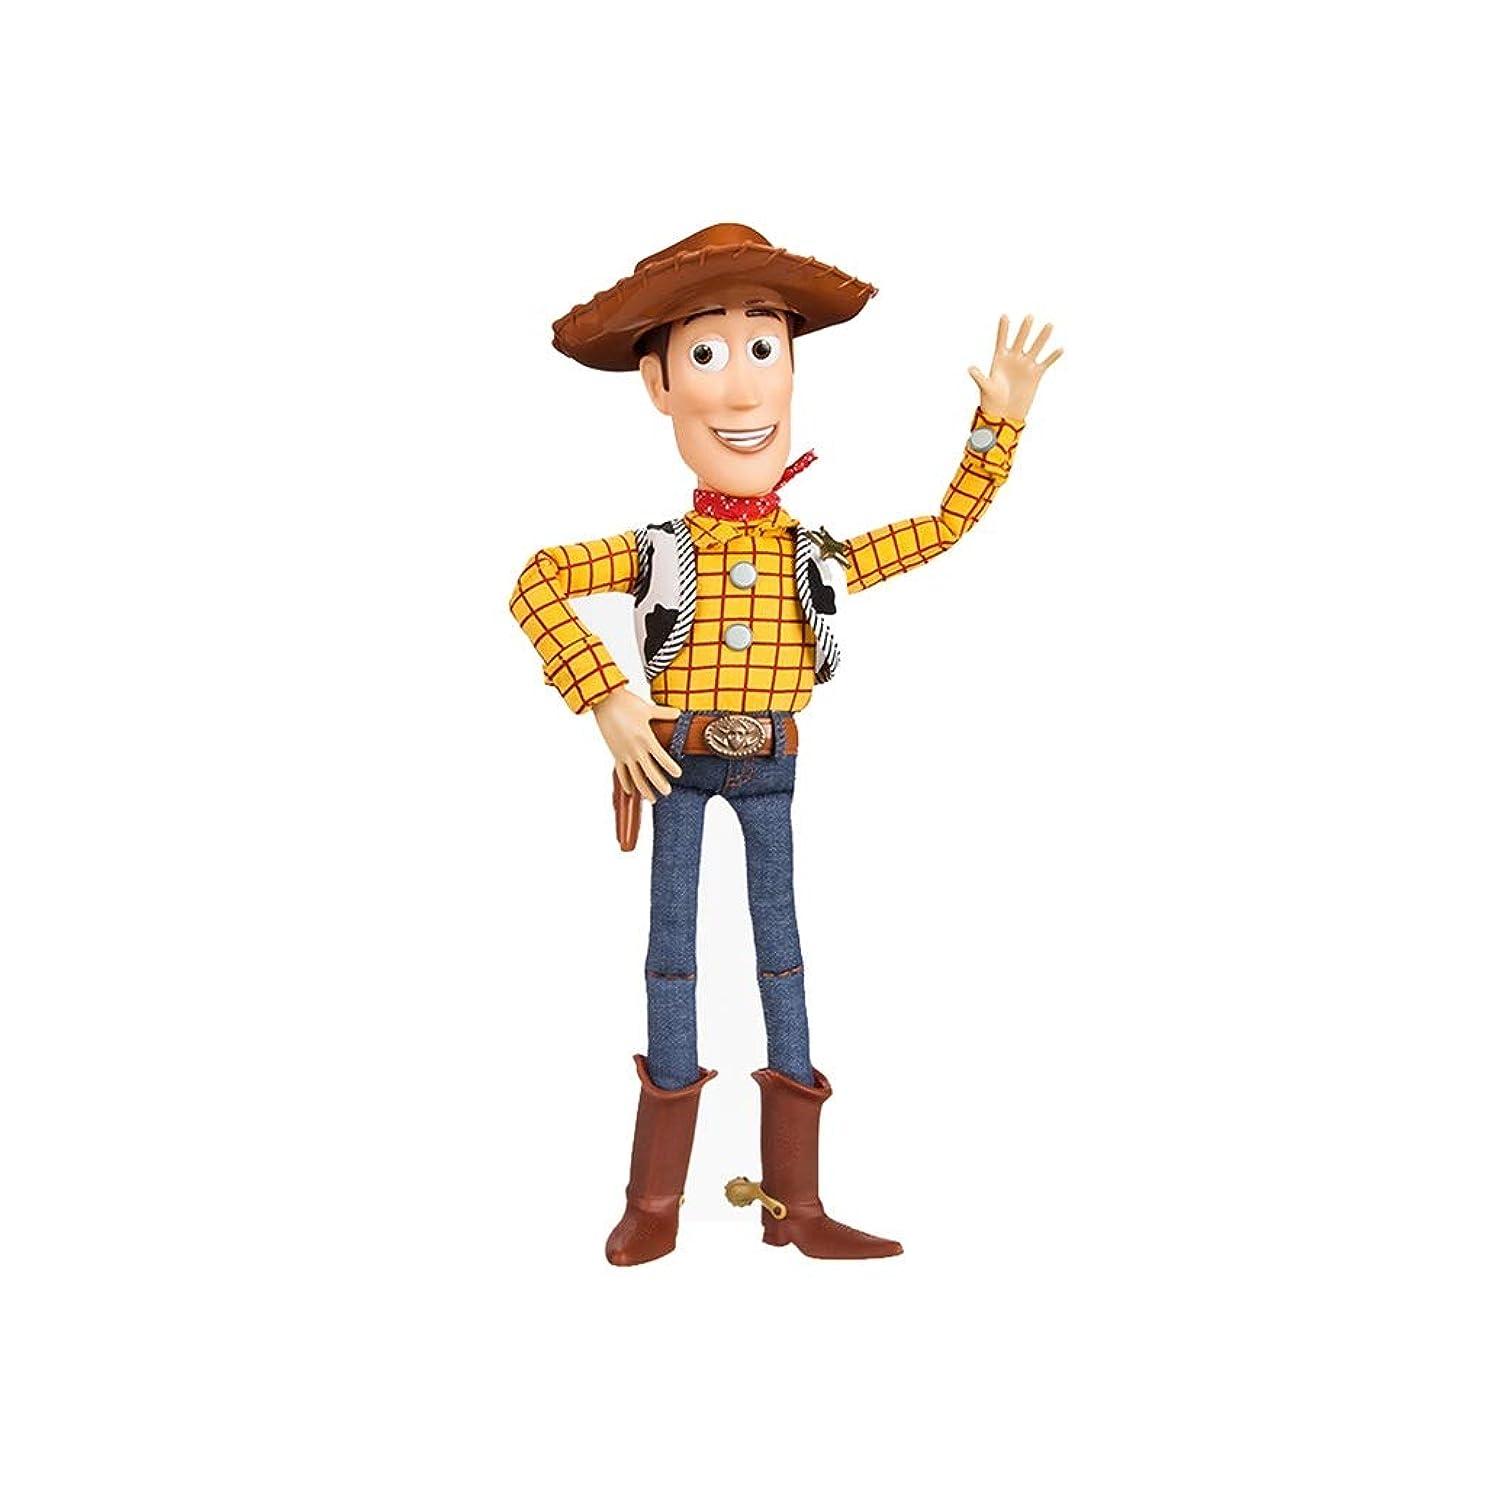 内部答え賃金SGLI 漫画のおもちゃモデルシリコーン布素材フィギュア像フィルム人形高さ38センチ トイモデル